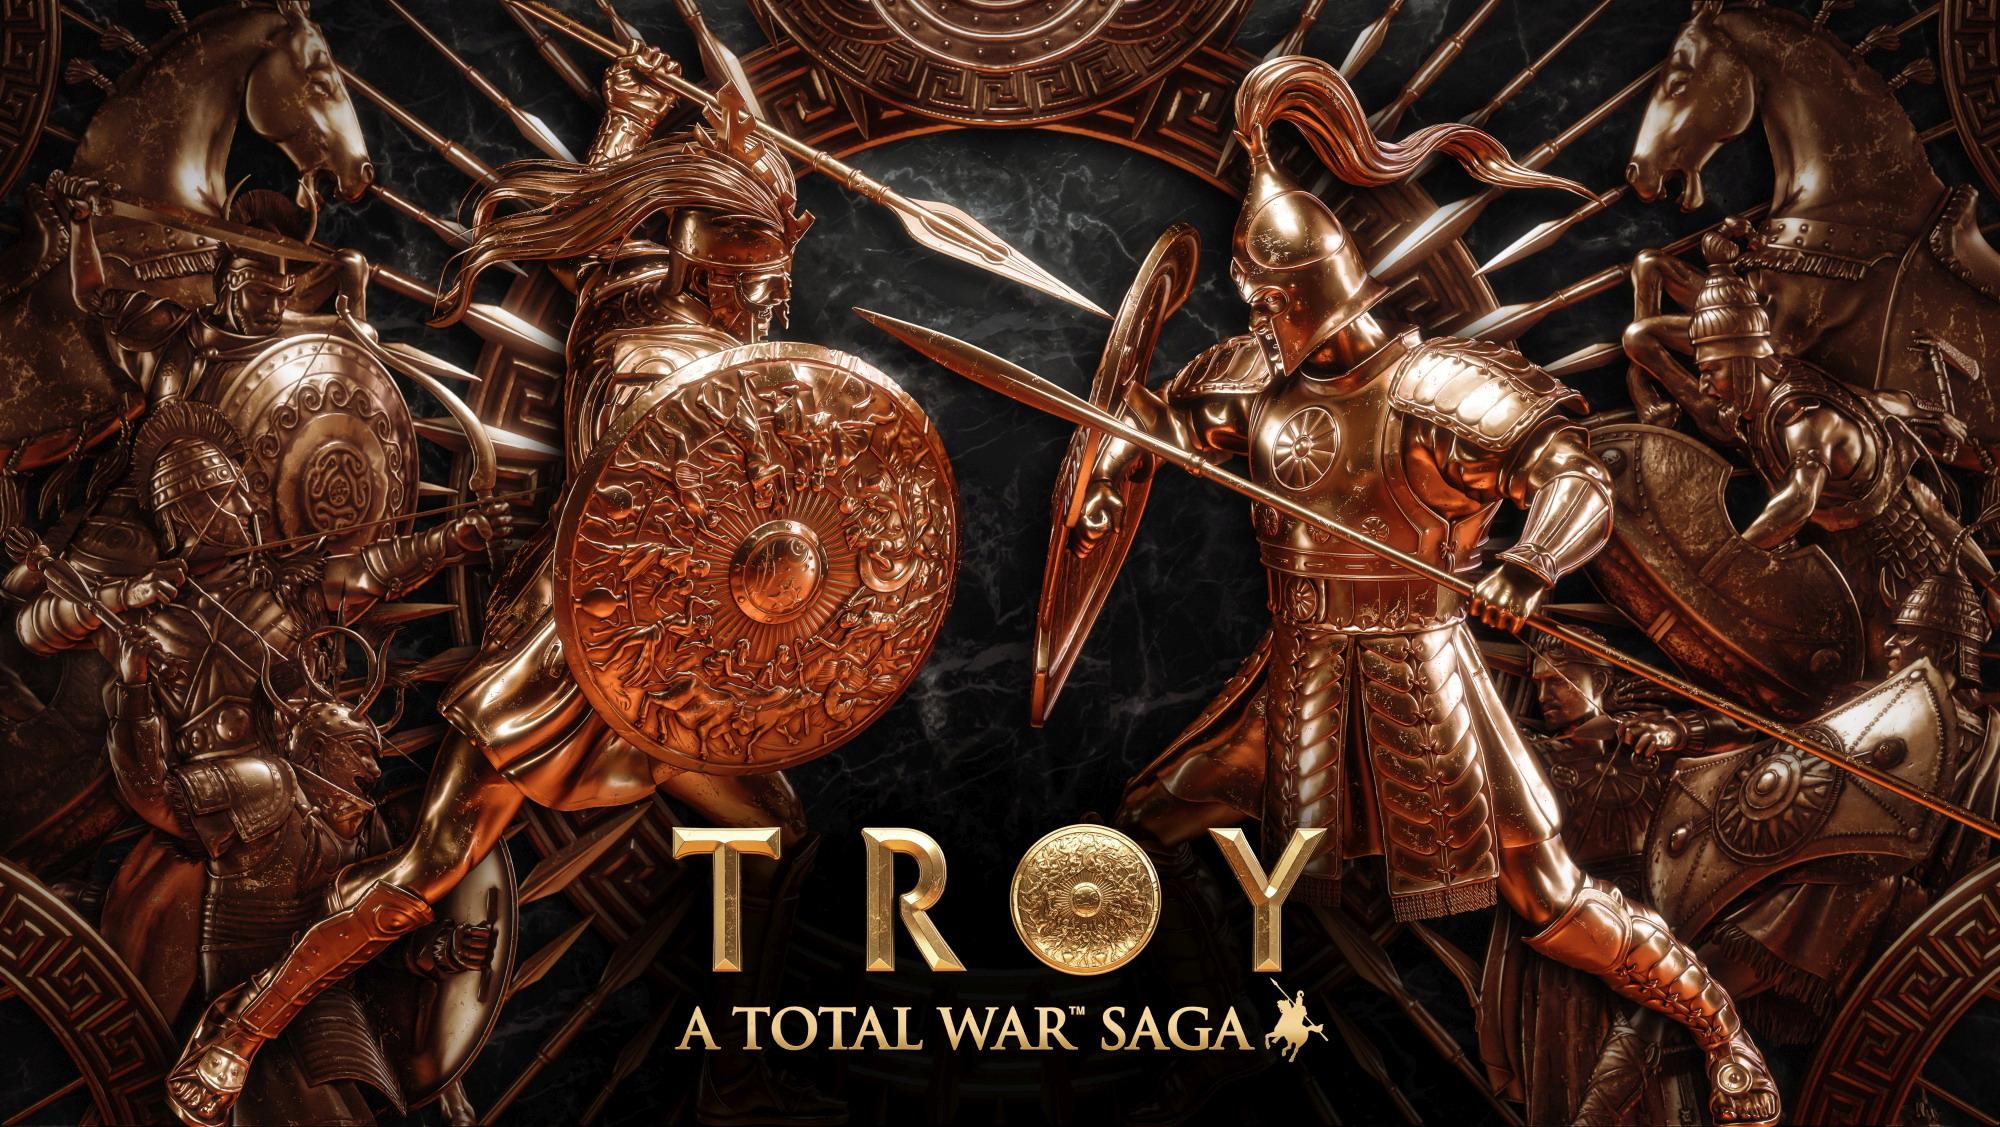 《全面战争传奇:特洛伊》画面震撼 英雄能单挑